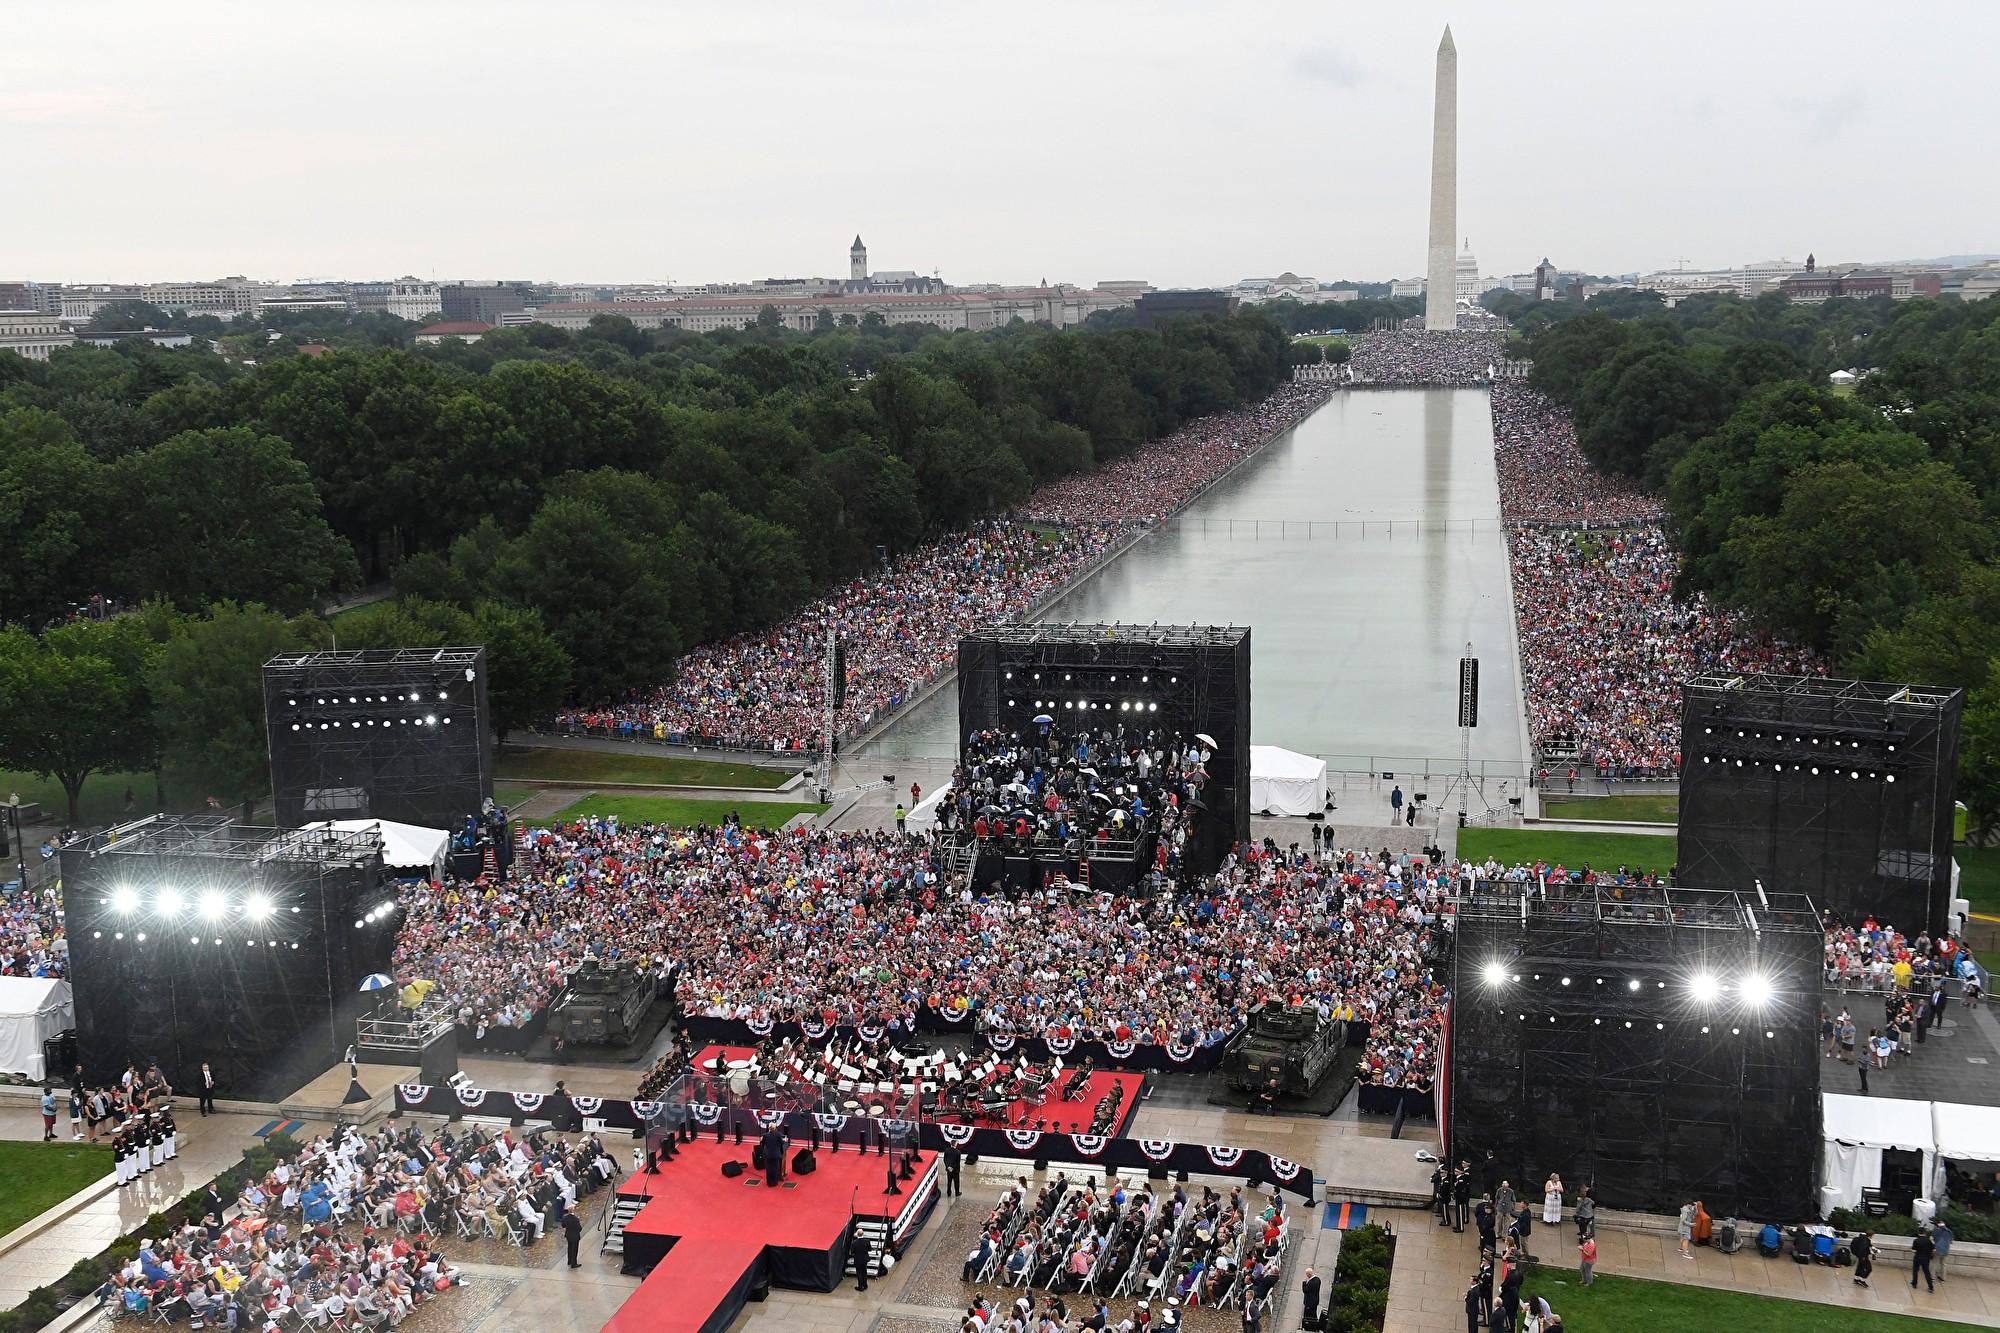 2019年7月4日,美國總統特朗普在華盛頓特區林肯紀念堂舉行「向美國致敬」國慶慶祝活動,人們聚集在國家廣場上。 (Susan Walsh/POOL/AFP)